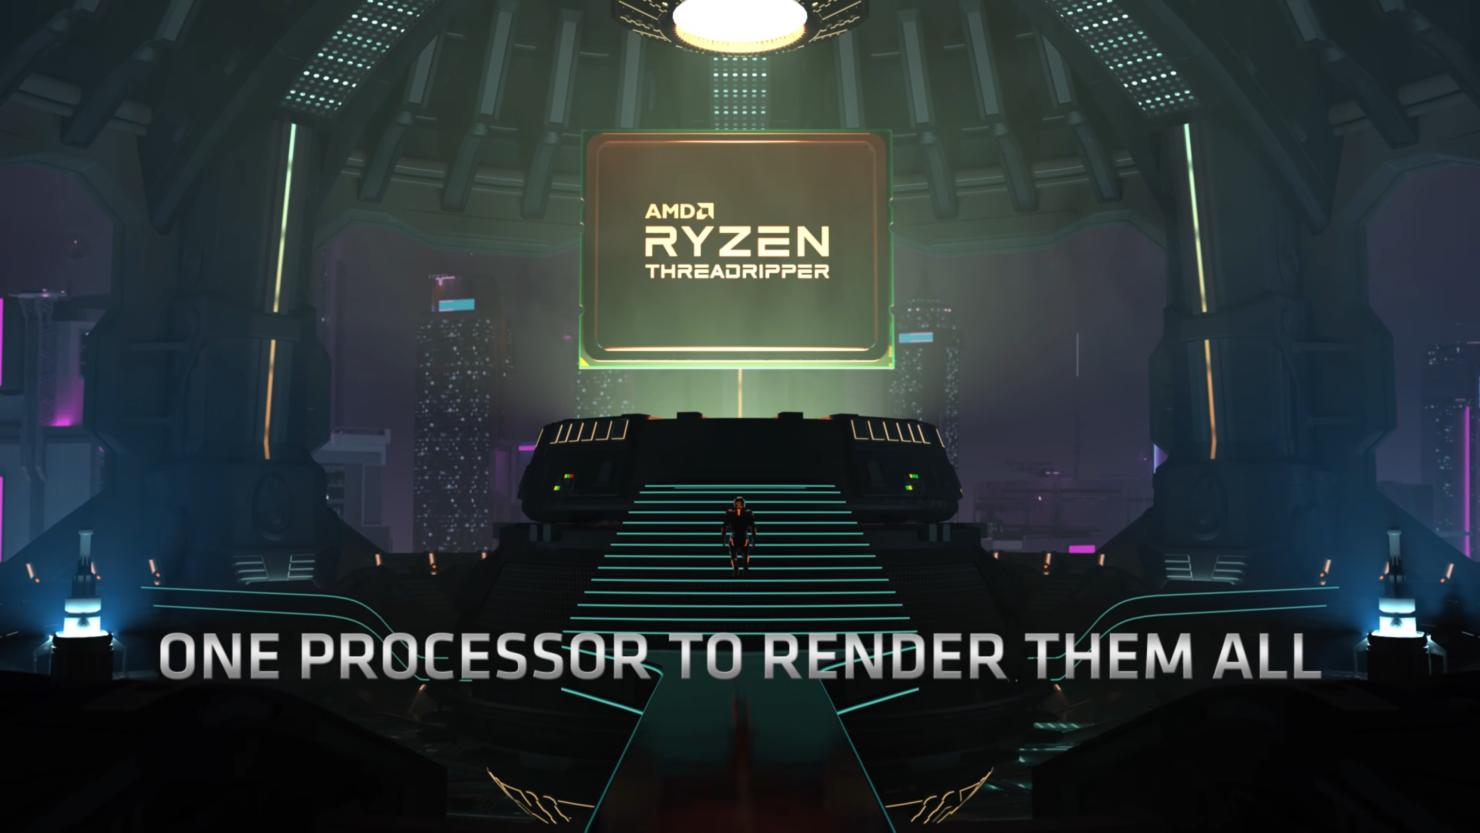 AMD Ryzen Threadripper 5000 'Chagall' HEDT CPUs Allegedly Delayed To 2022